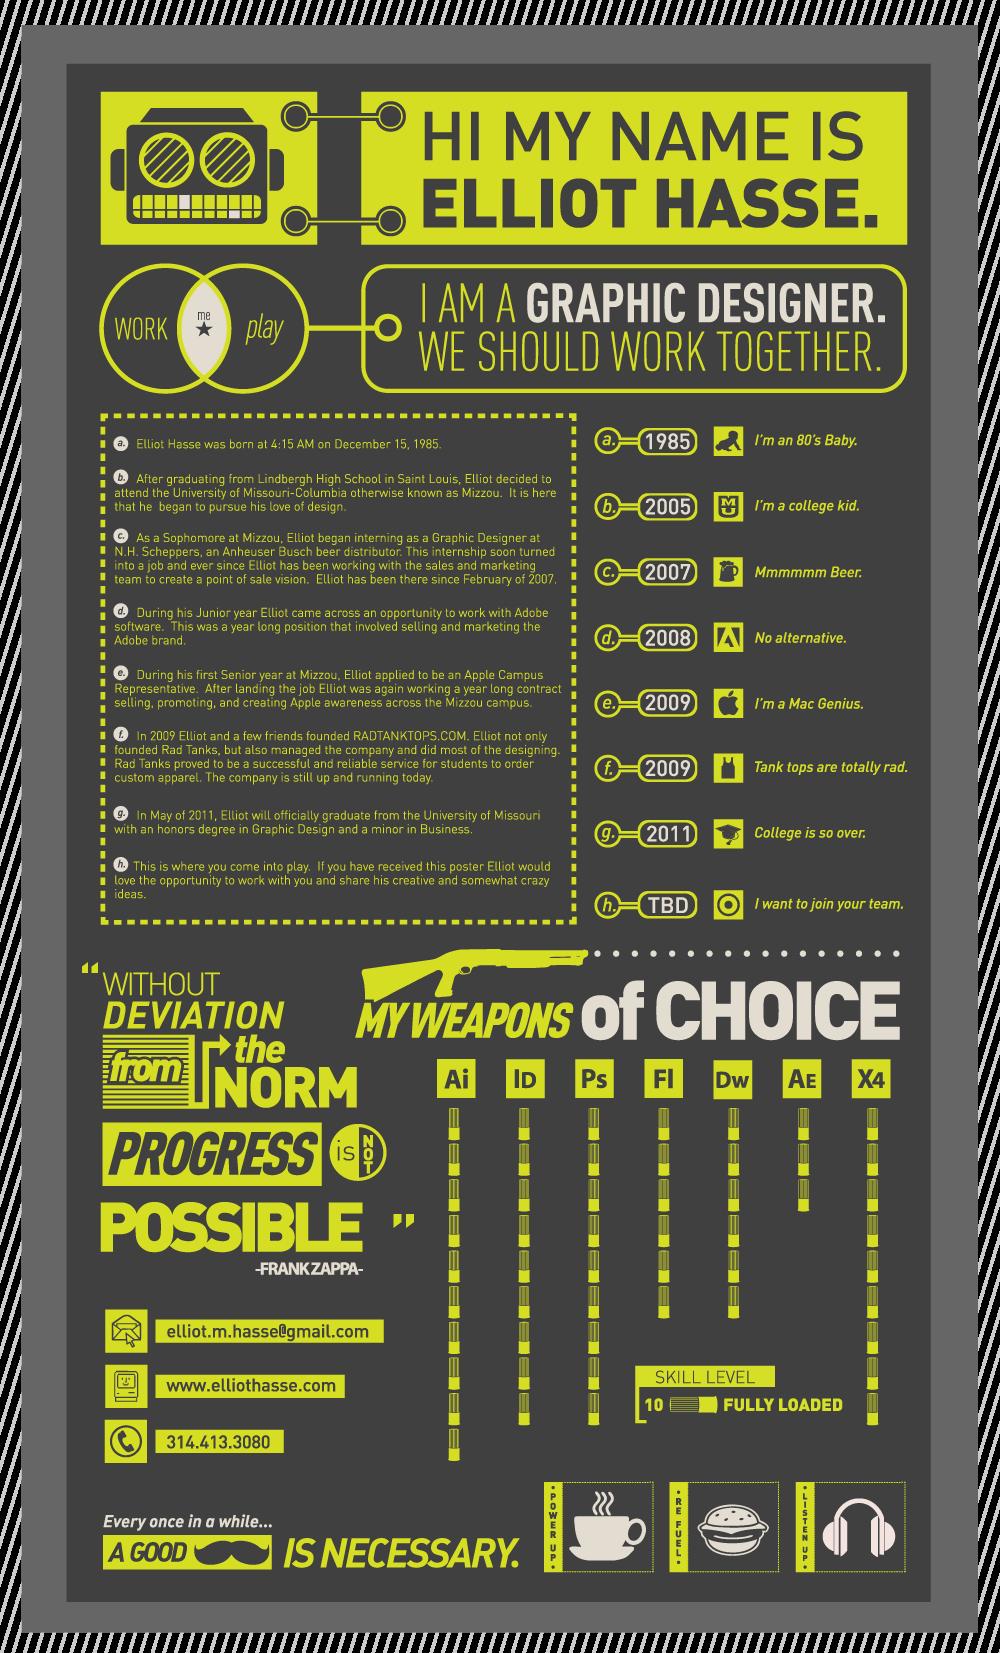 graphic designer elliot hasse created this infographic